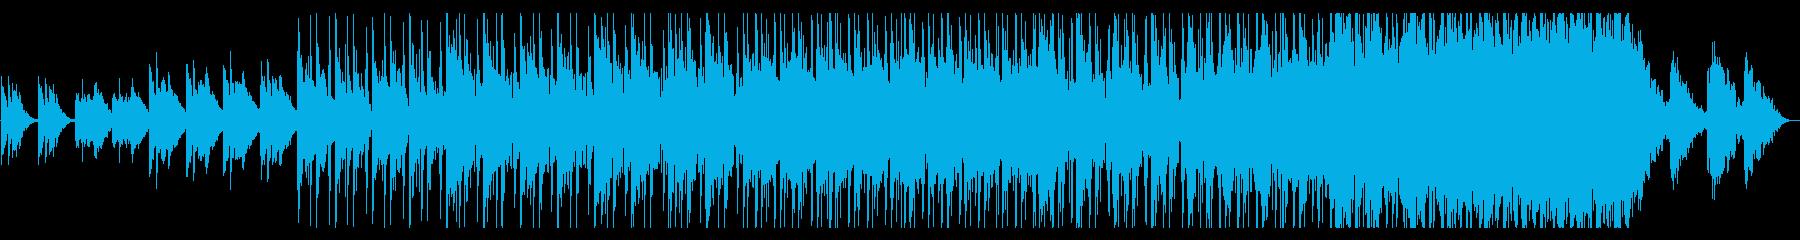 寂寥感のあるスローなポップスの再生済みの波形